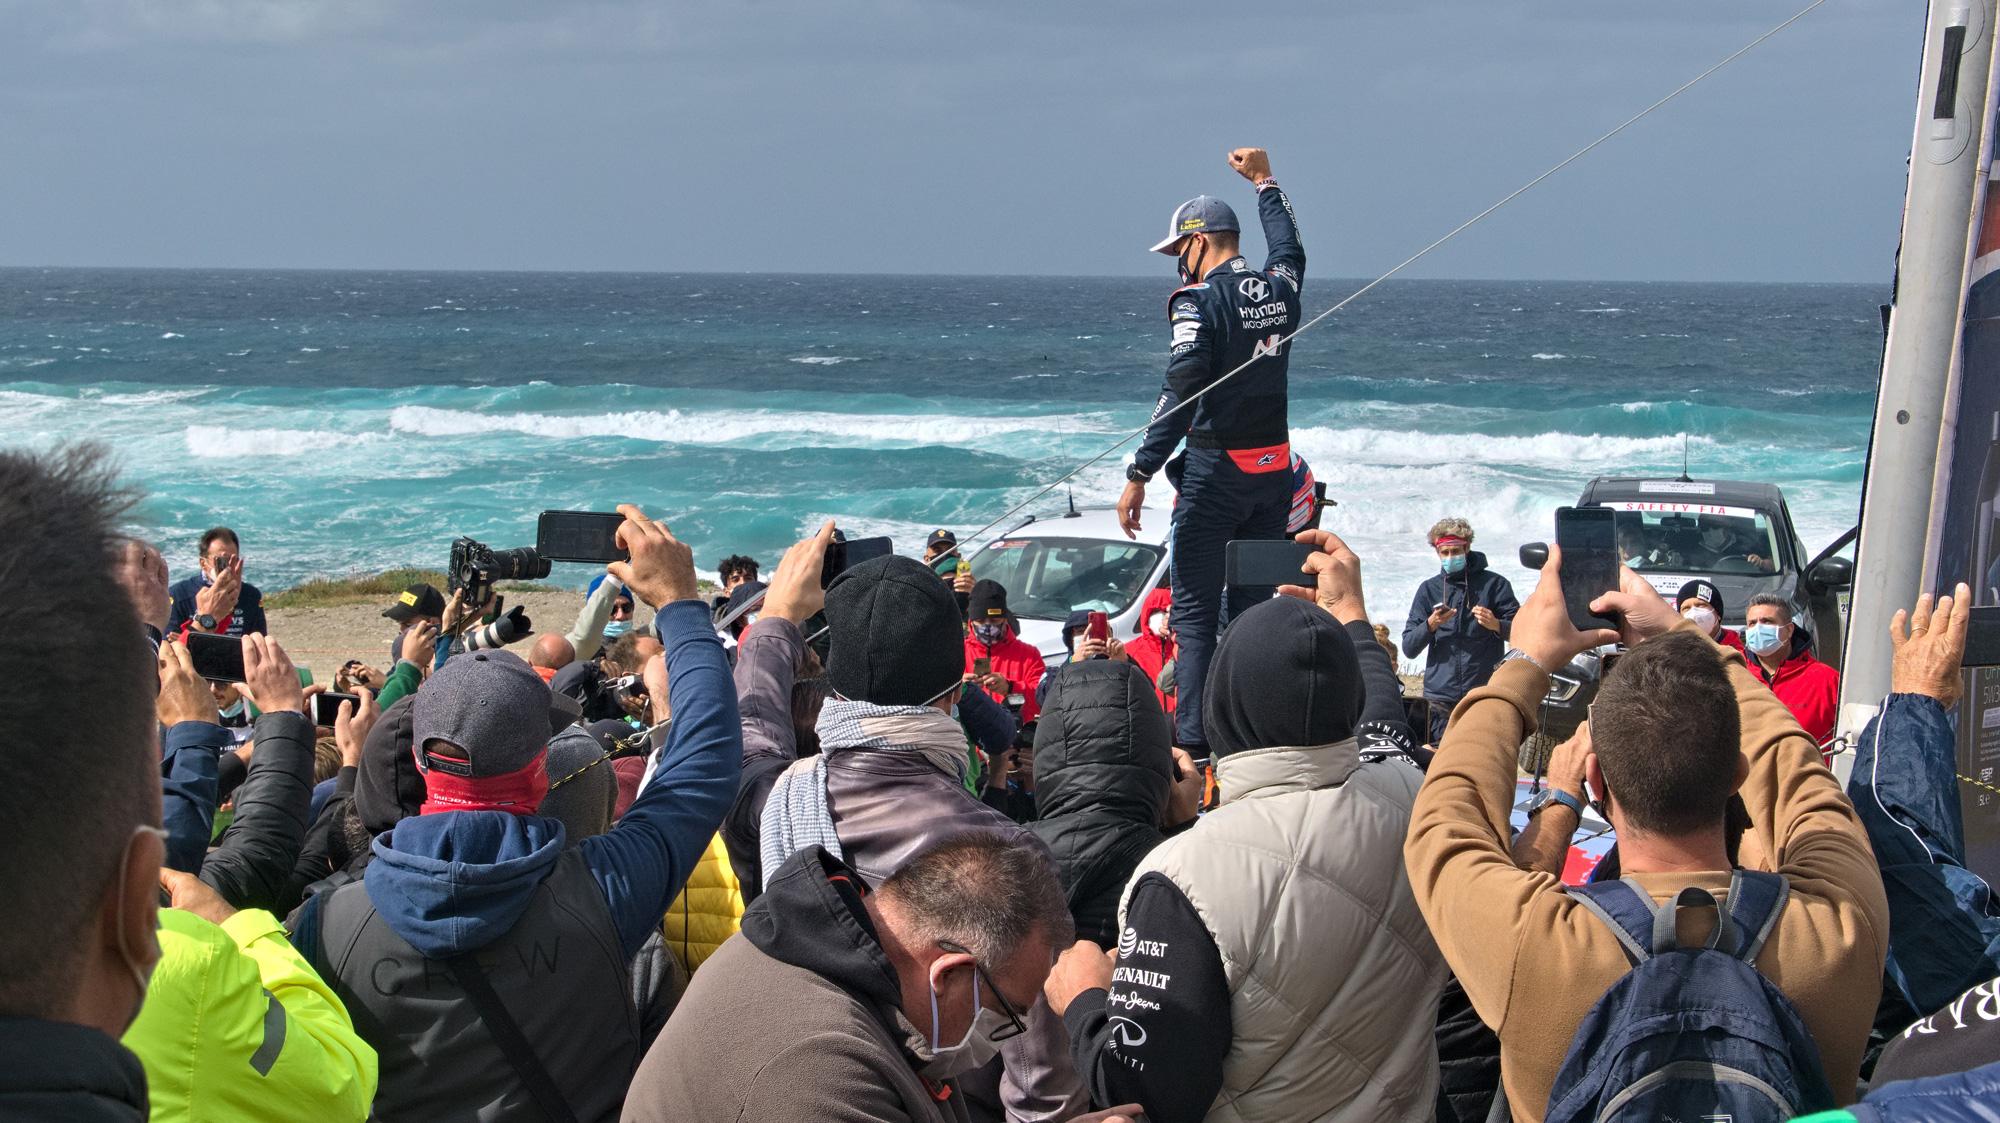 Siegerpose: Der Sieger der Rallye Sardegna